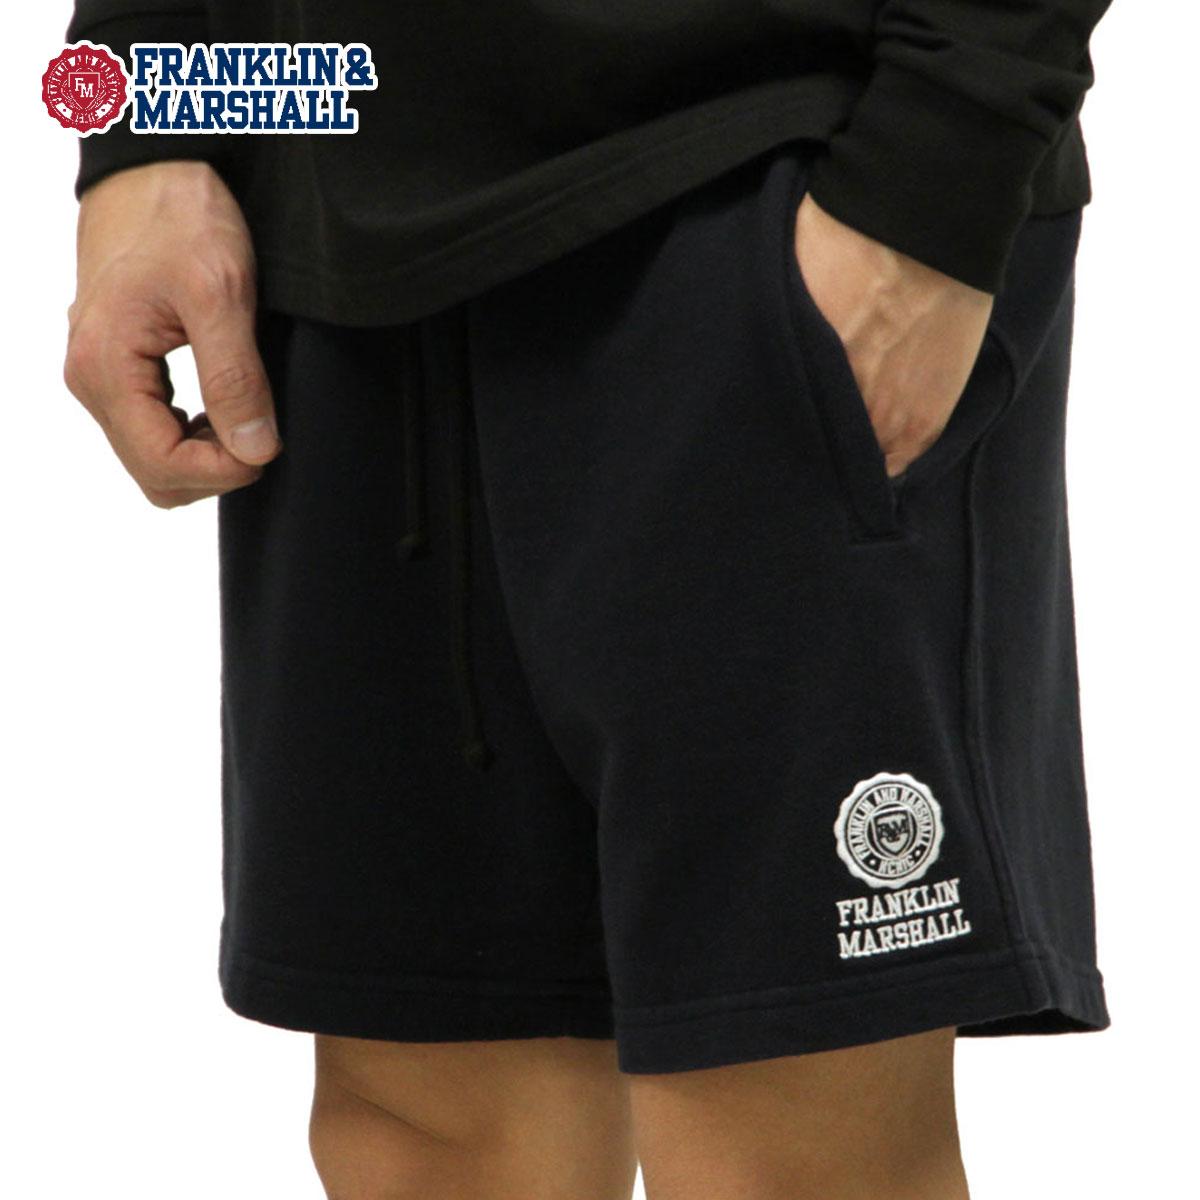 予約商品 4月頃入荷予定 フランクリン マーシャル FRANKLIN&MARSHALL 正規販売店 メンズ ショートパンツ FLEECE SHORT PANTS SFMF085 2041 BLACK